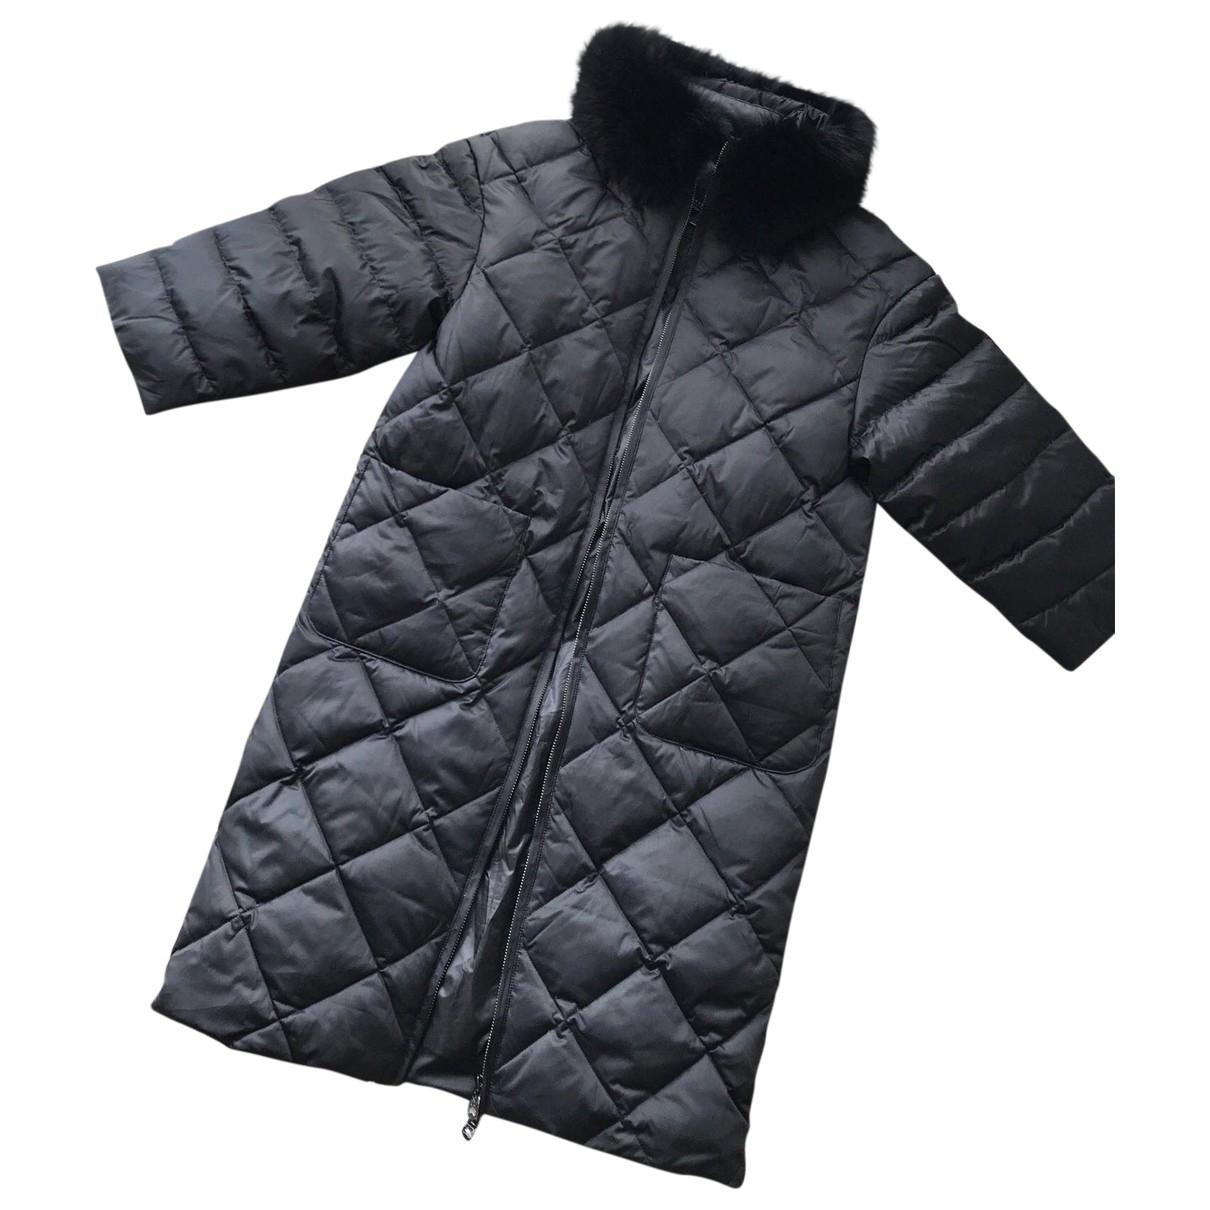 Max Mara Weekend \N Black coat for Women 38 IT